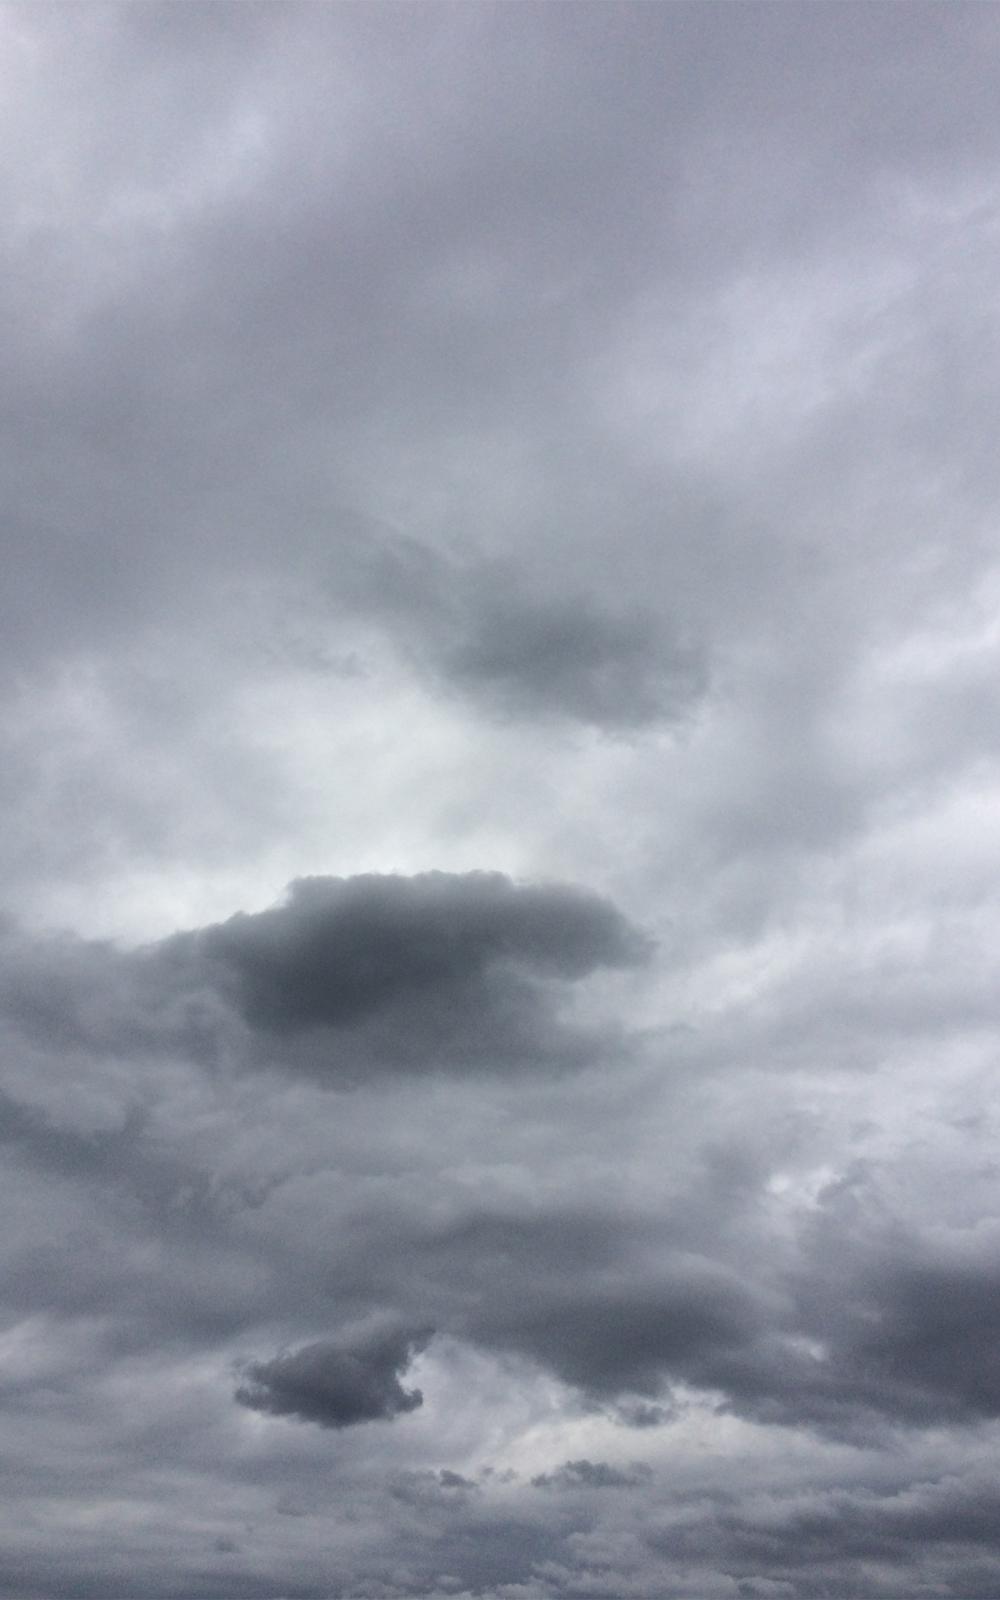 怪しい雲行きの空の写真画像1(P032)